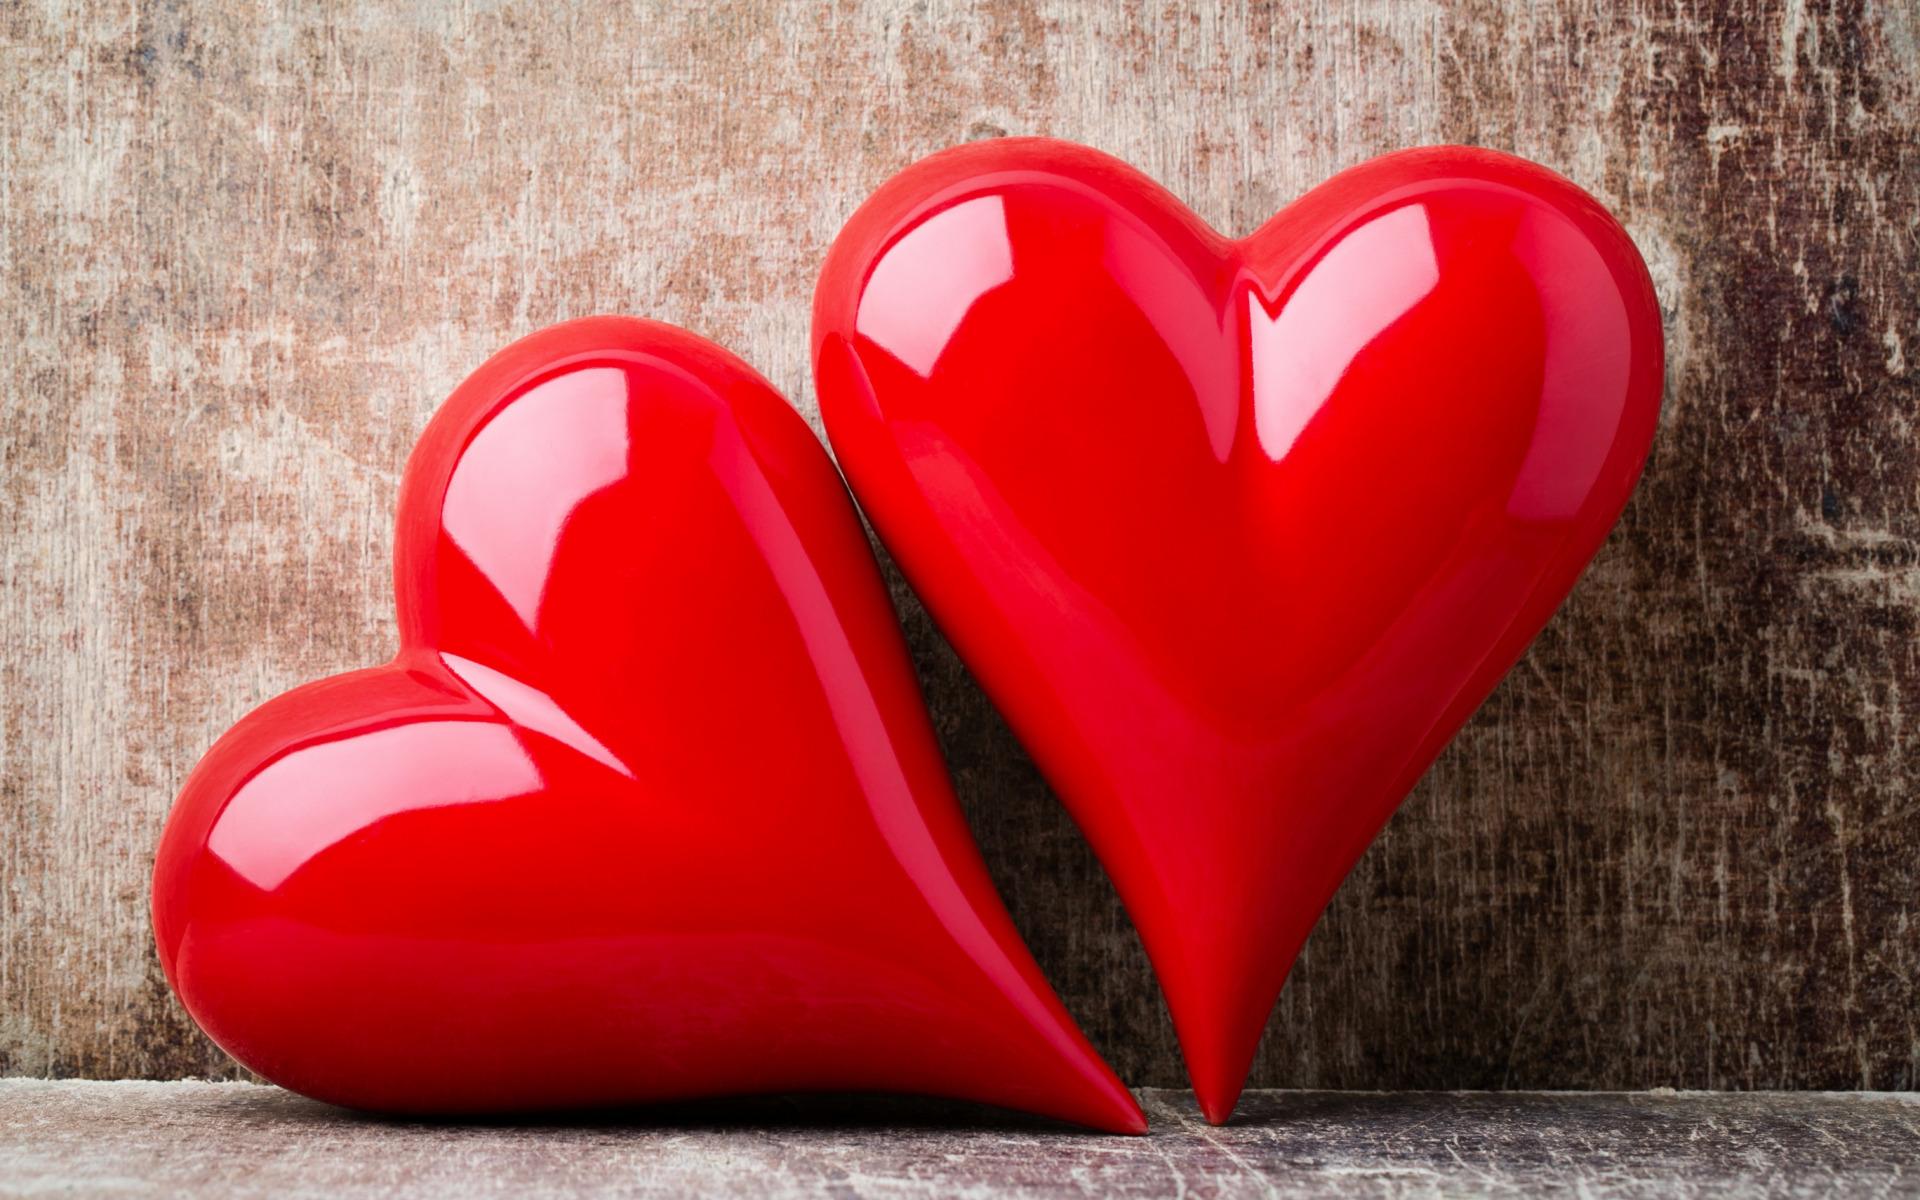 мне кажется, картинки сердечки любимому второго типа